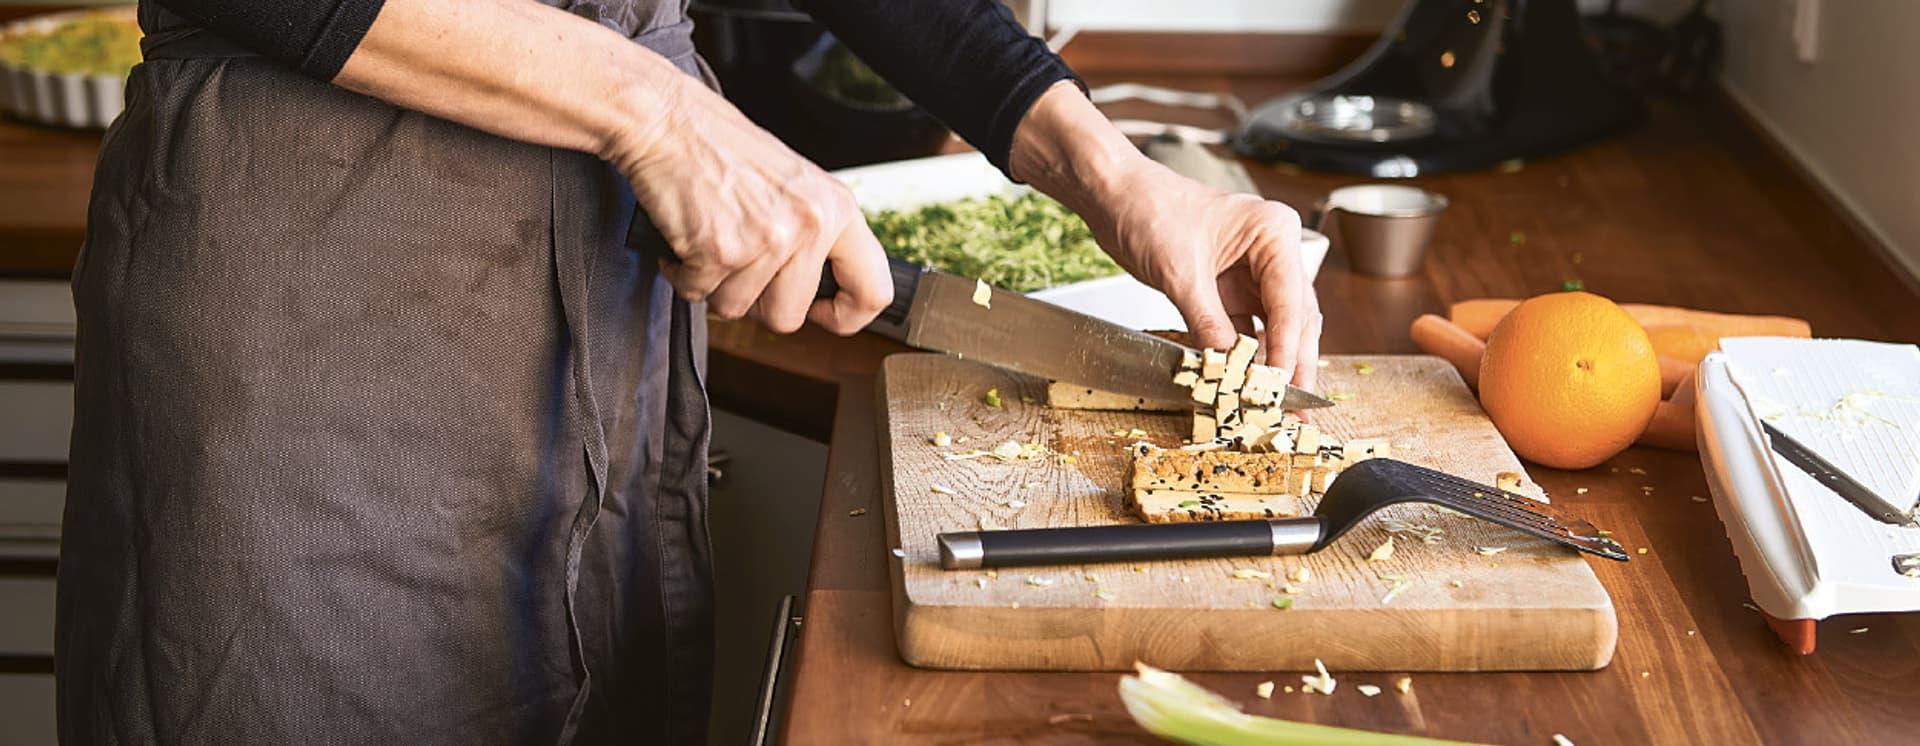 Tofu lässt sich leicht schneiden – und auch gut zerdrücken.